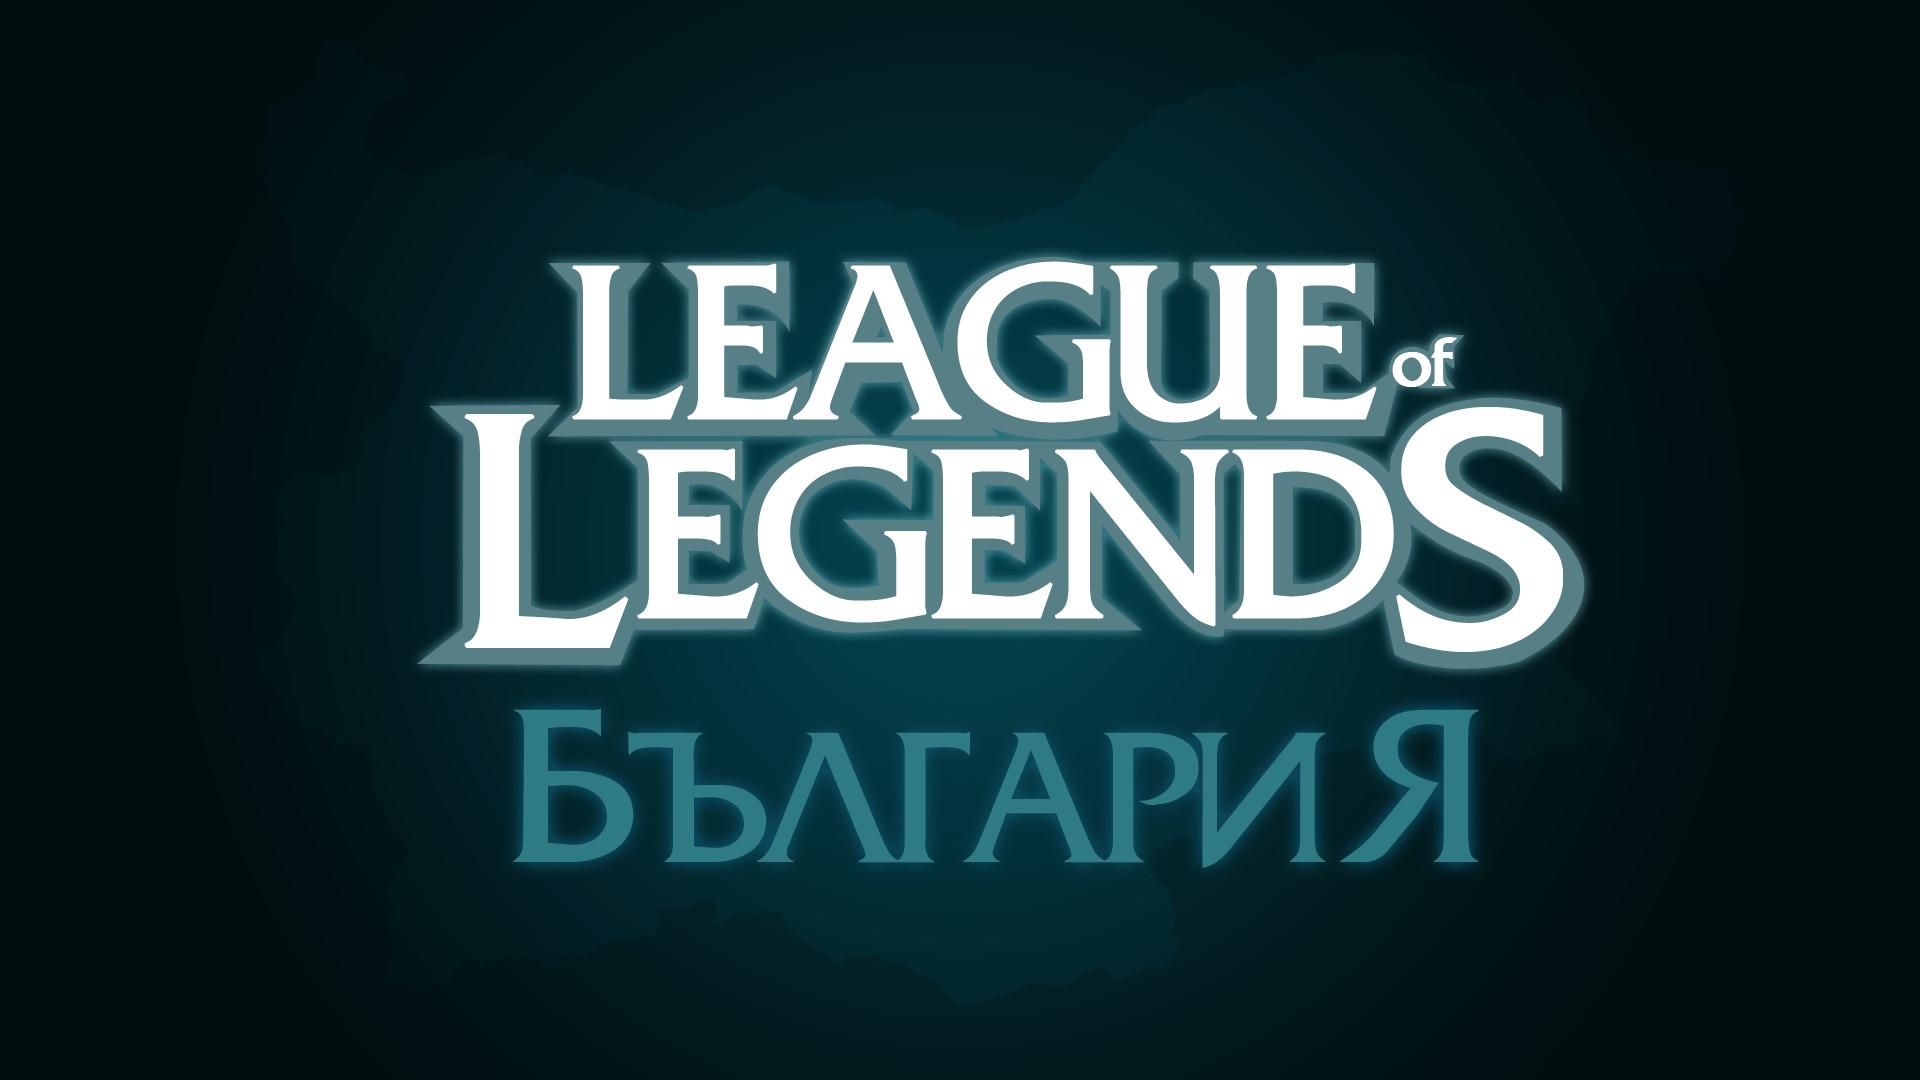 League Of Legends Logo Wallpaper 89 Images